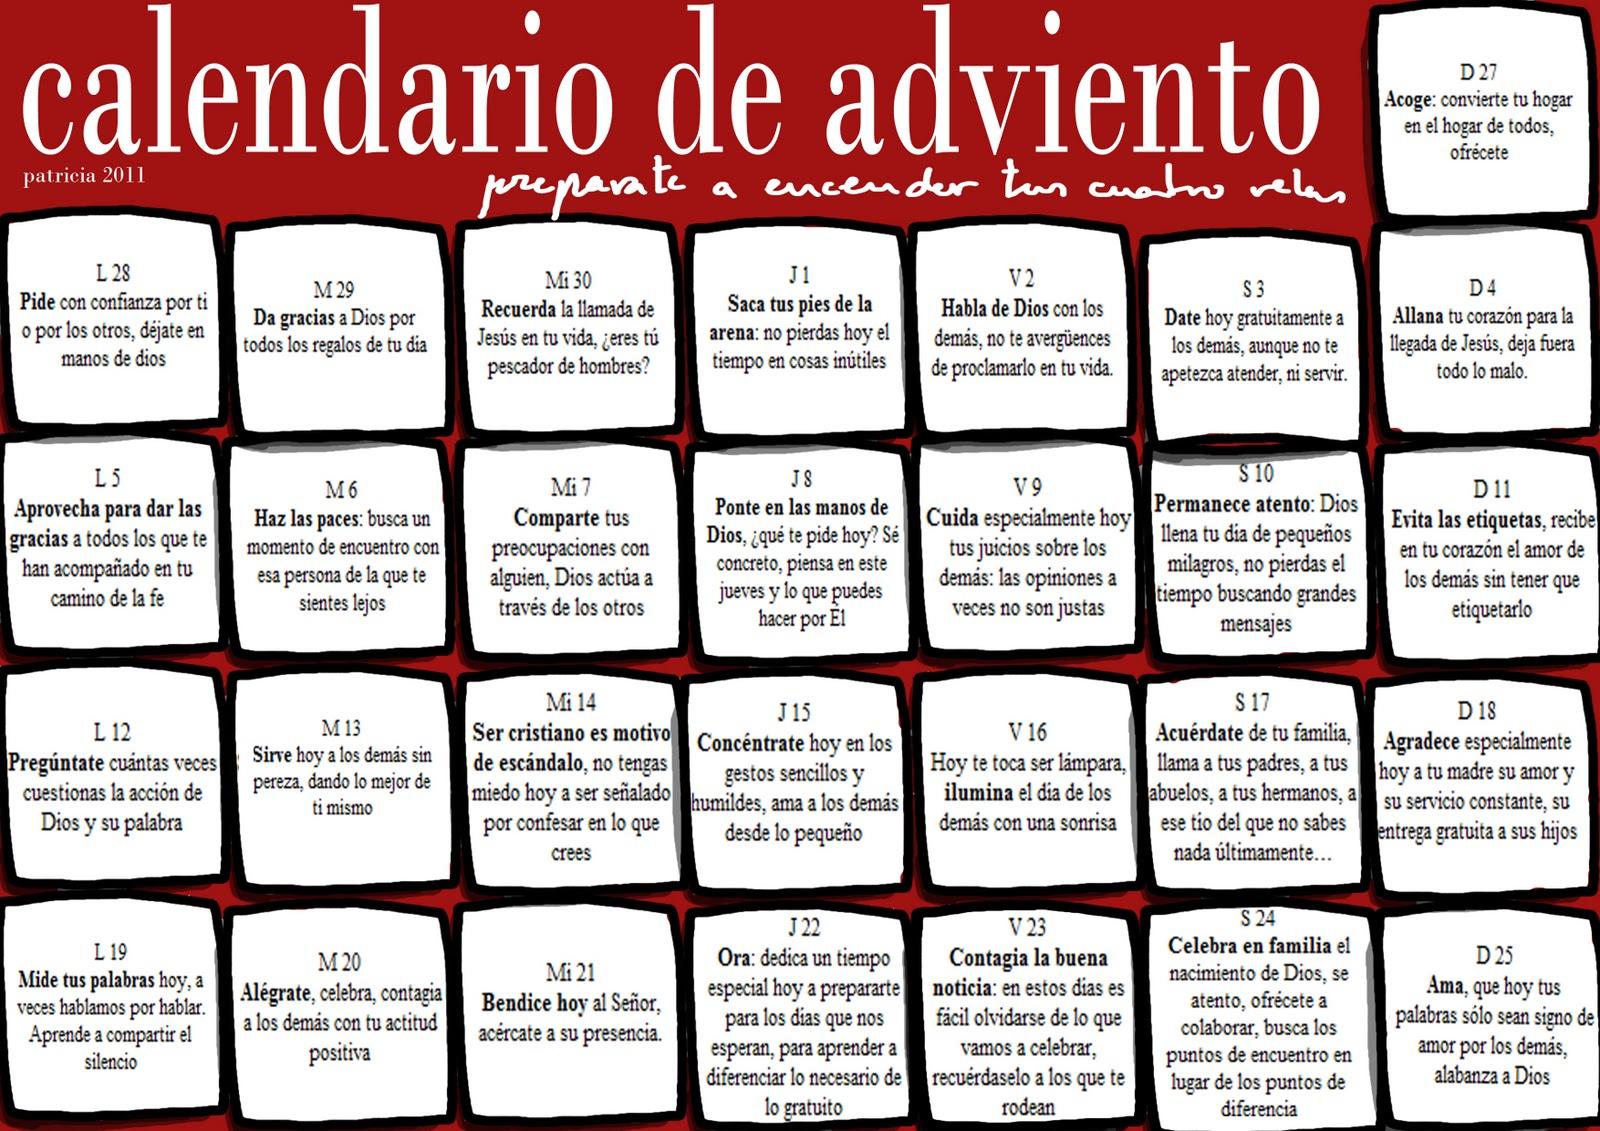 Sed Valientes Calendario De Adviento 2011 - Calendario-de-adviento